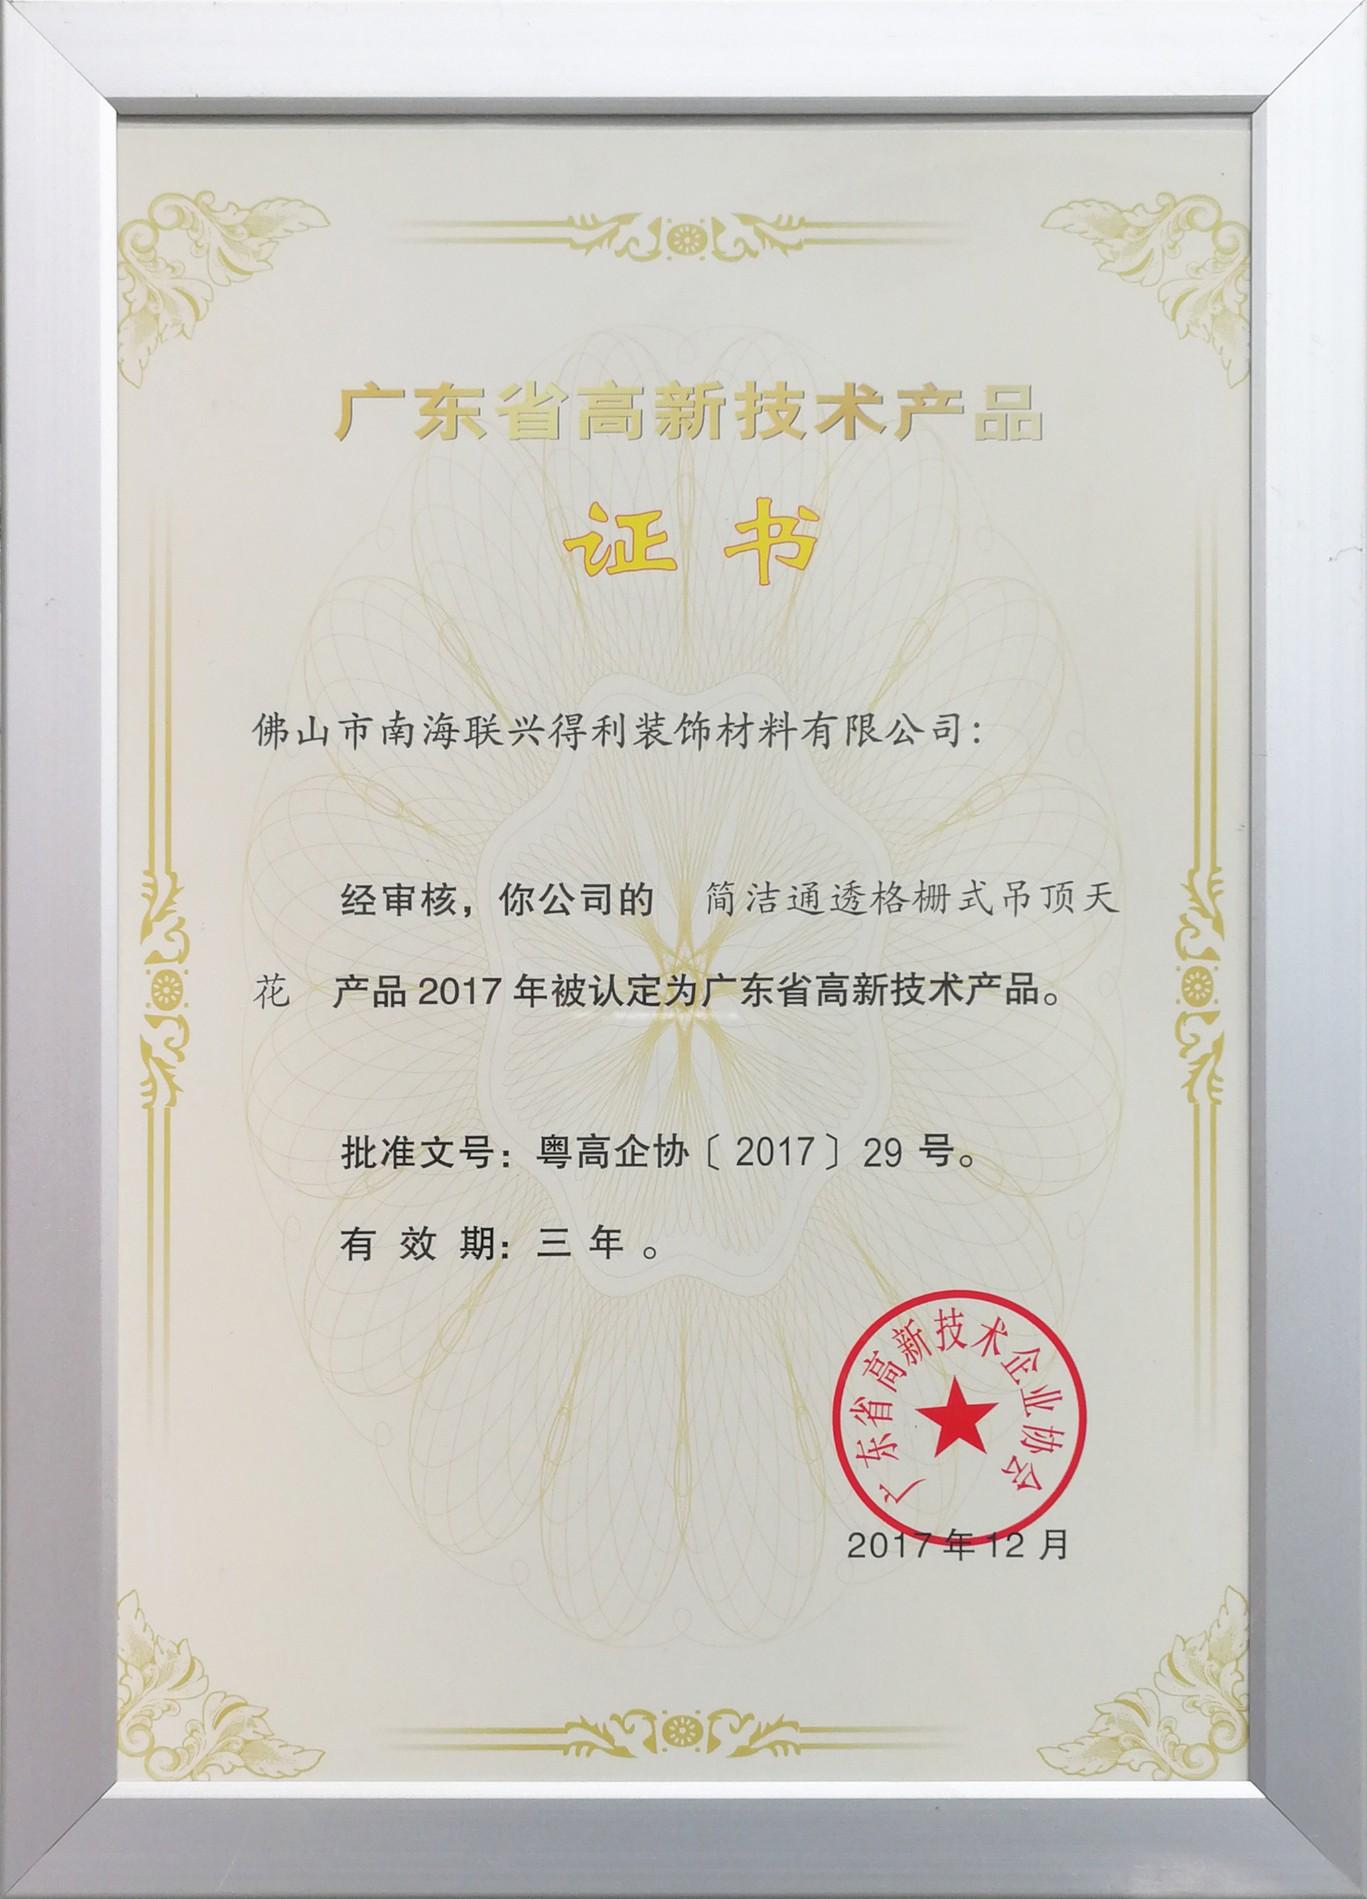 Guangdong High-Tech Certificate